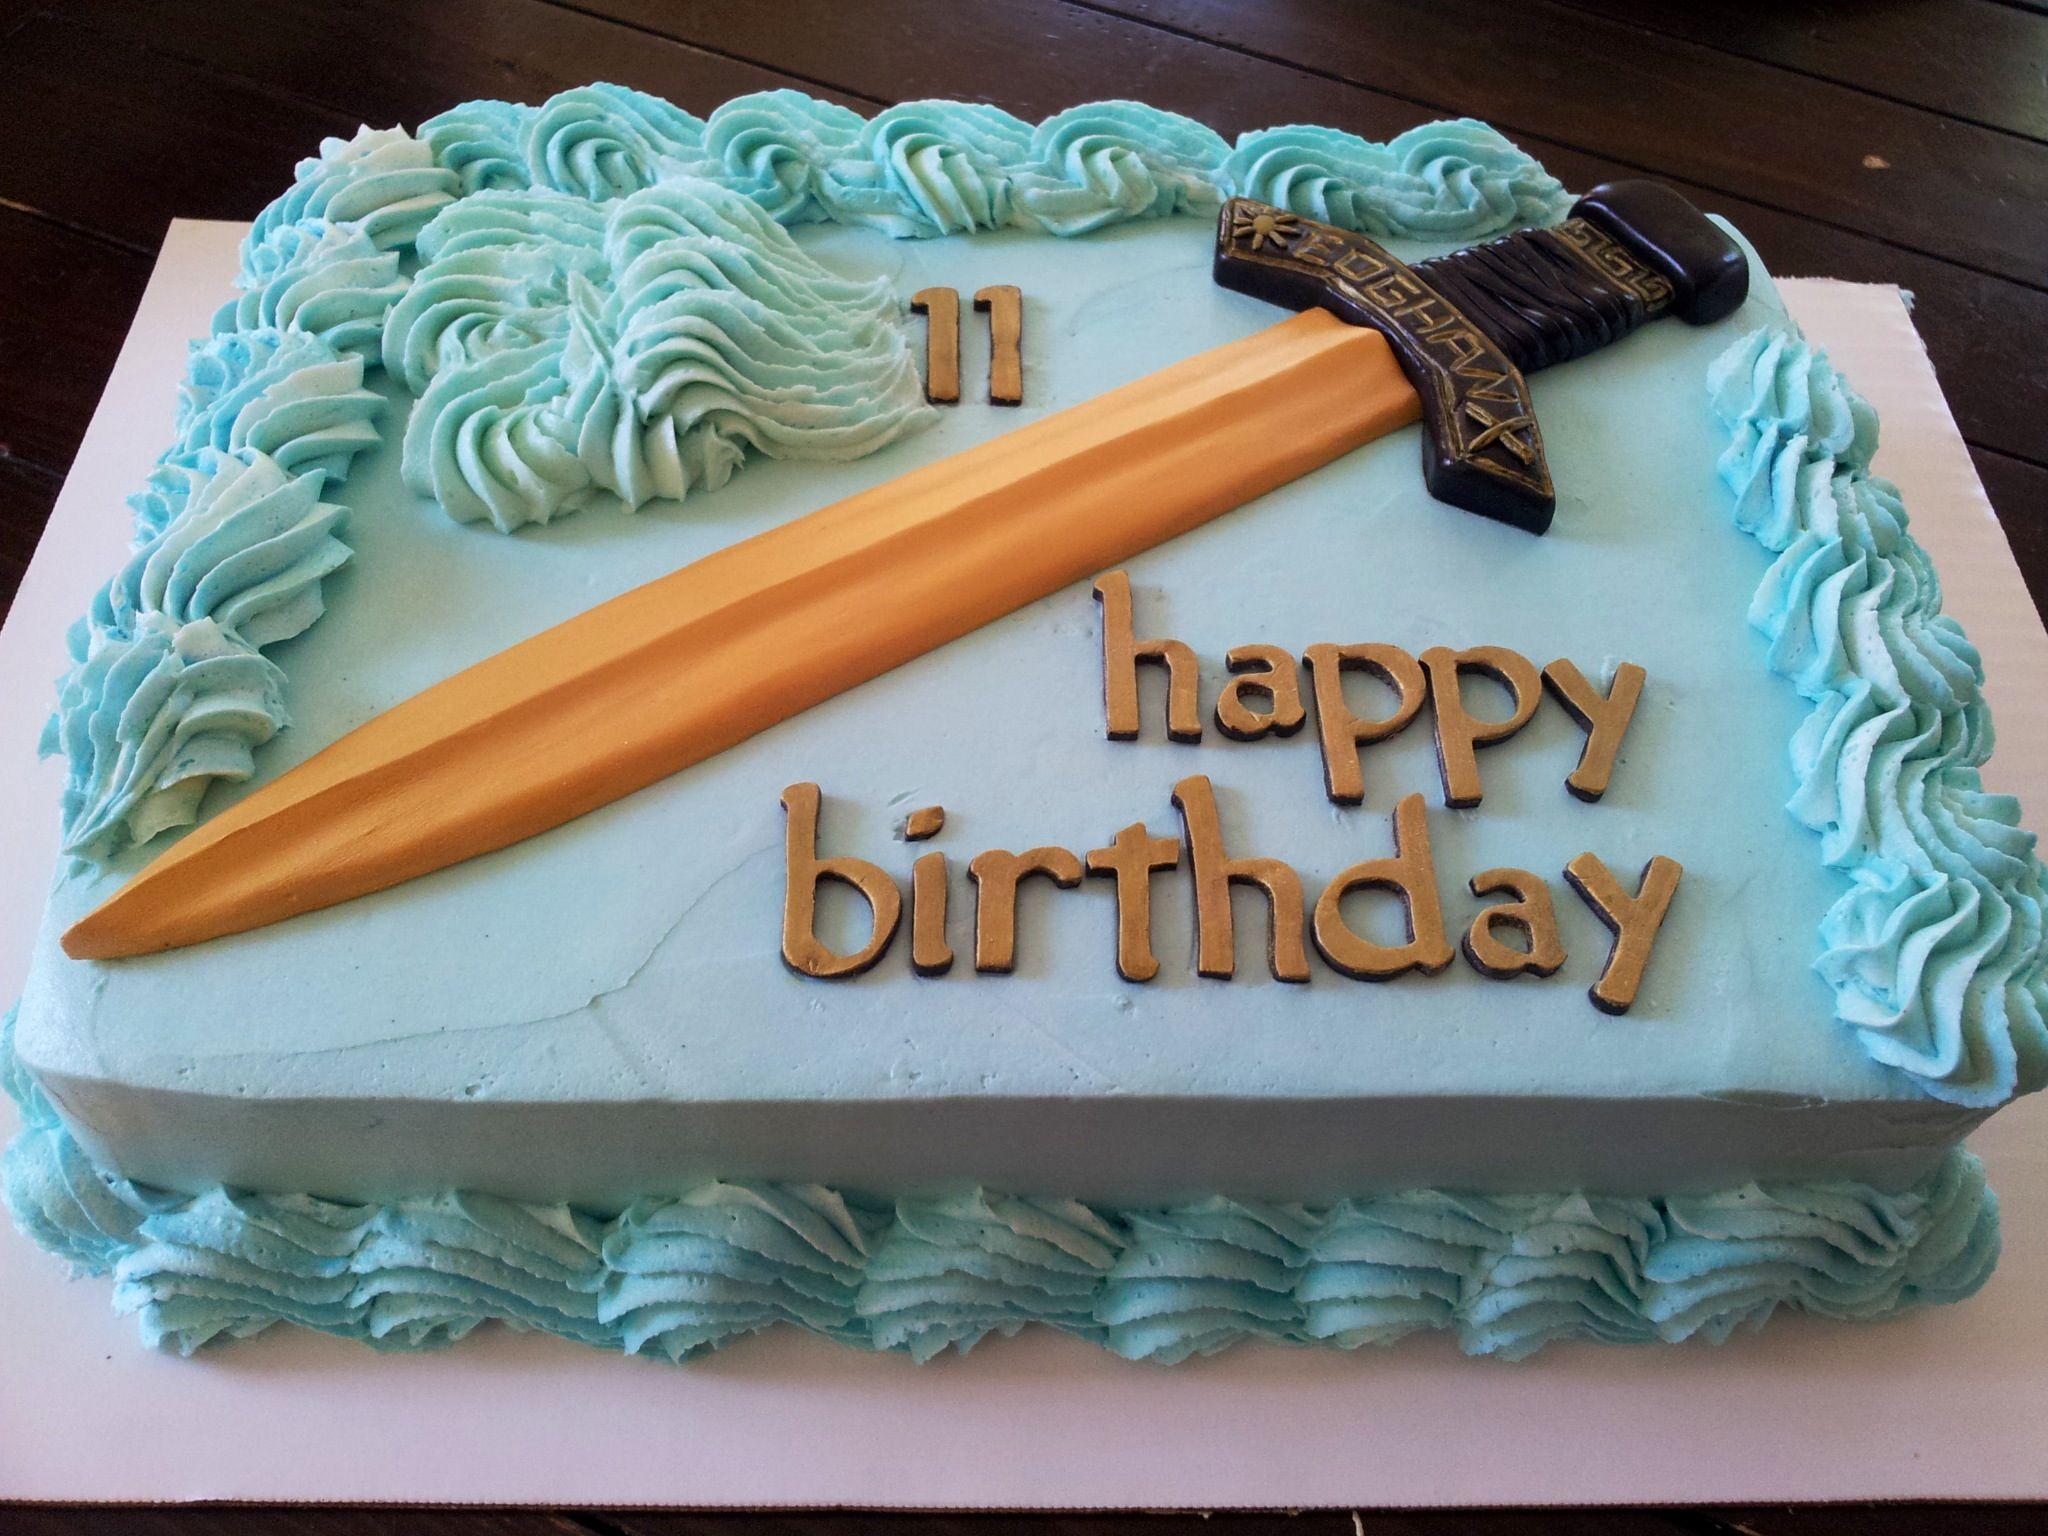 Feliz cumpleaños IvanMagic A4f5191539beef60607c219122d442e9